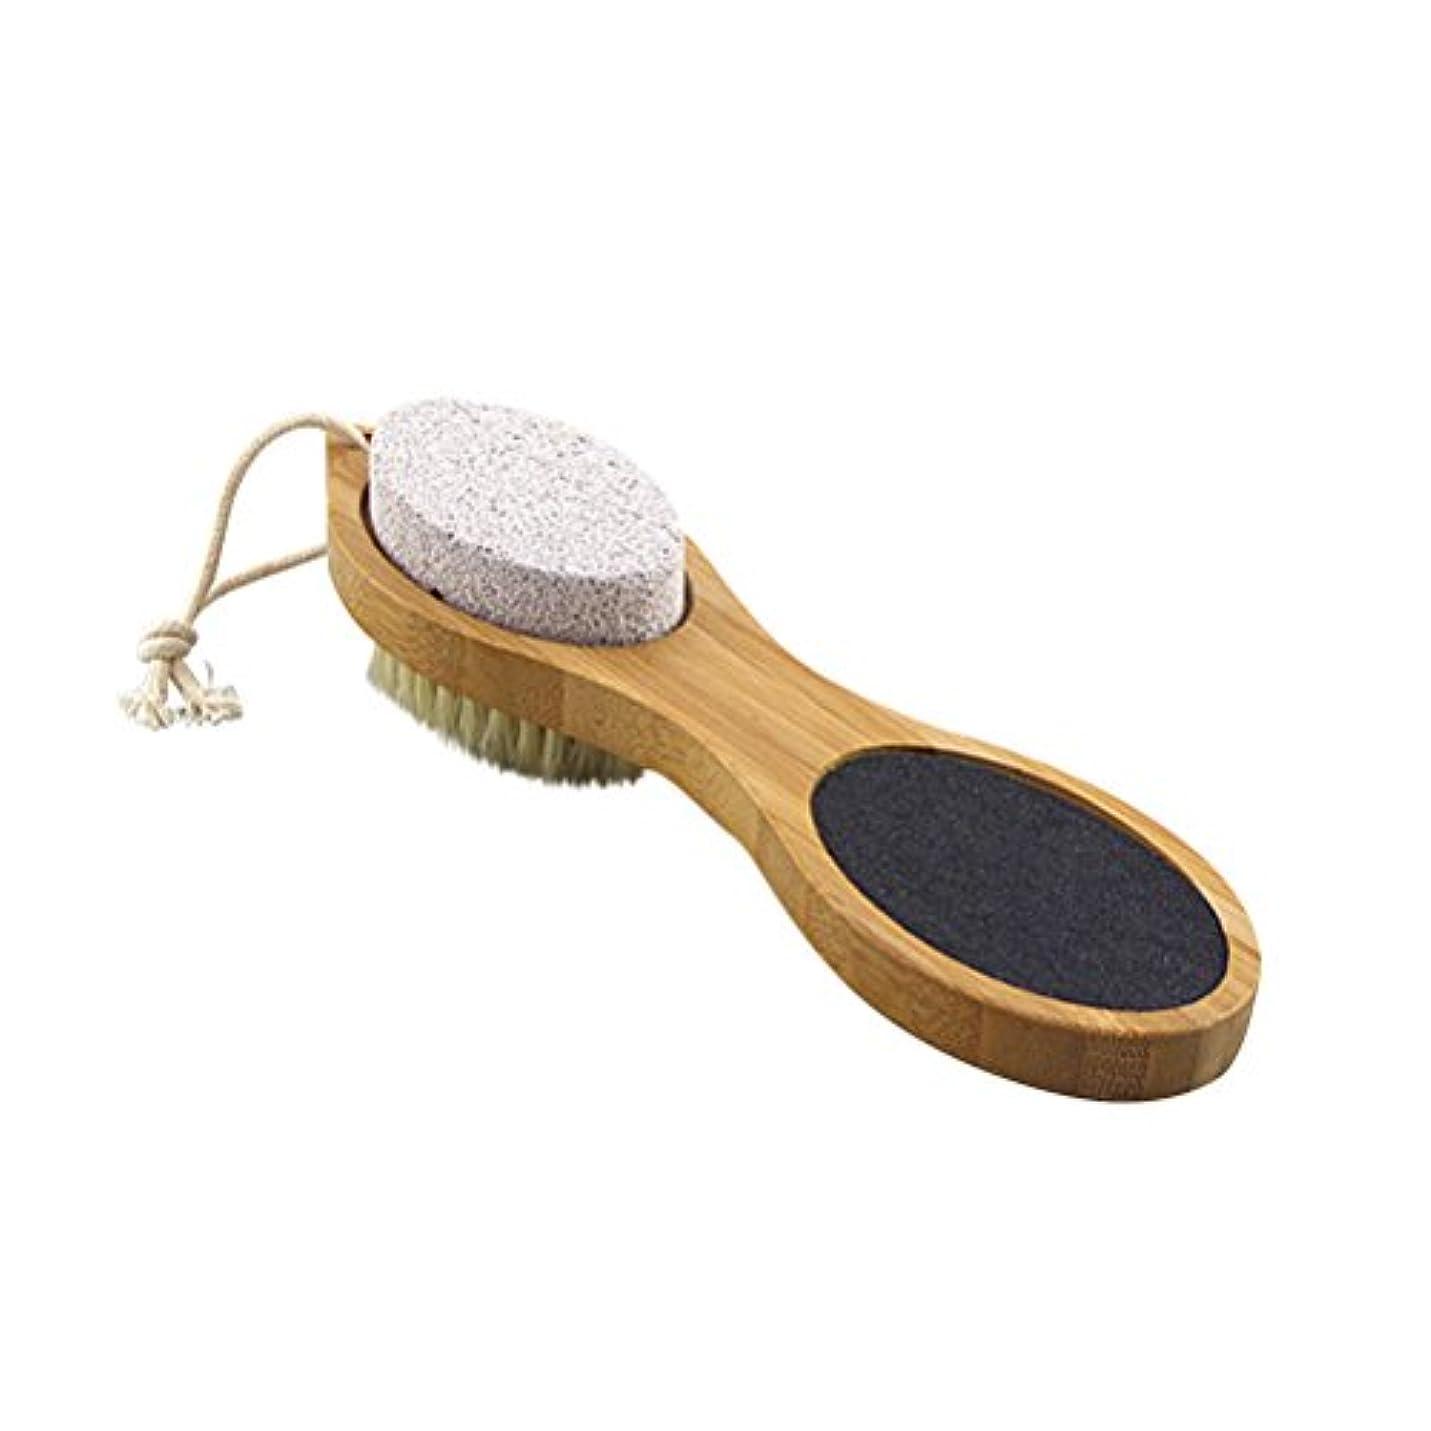 ドーム資格情報炭素ULTNICE 足ブラシ 角質除去 毛ブラシ?砂ブラシ?軽石ブラシ?鋼ブラシ ボディブラシ フットマッサージ